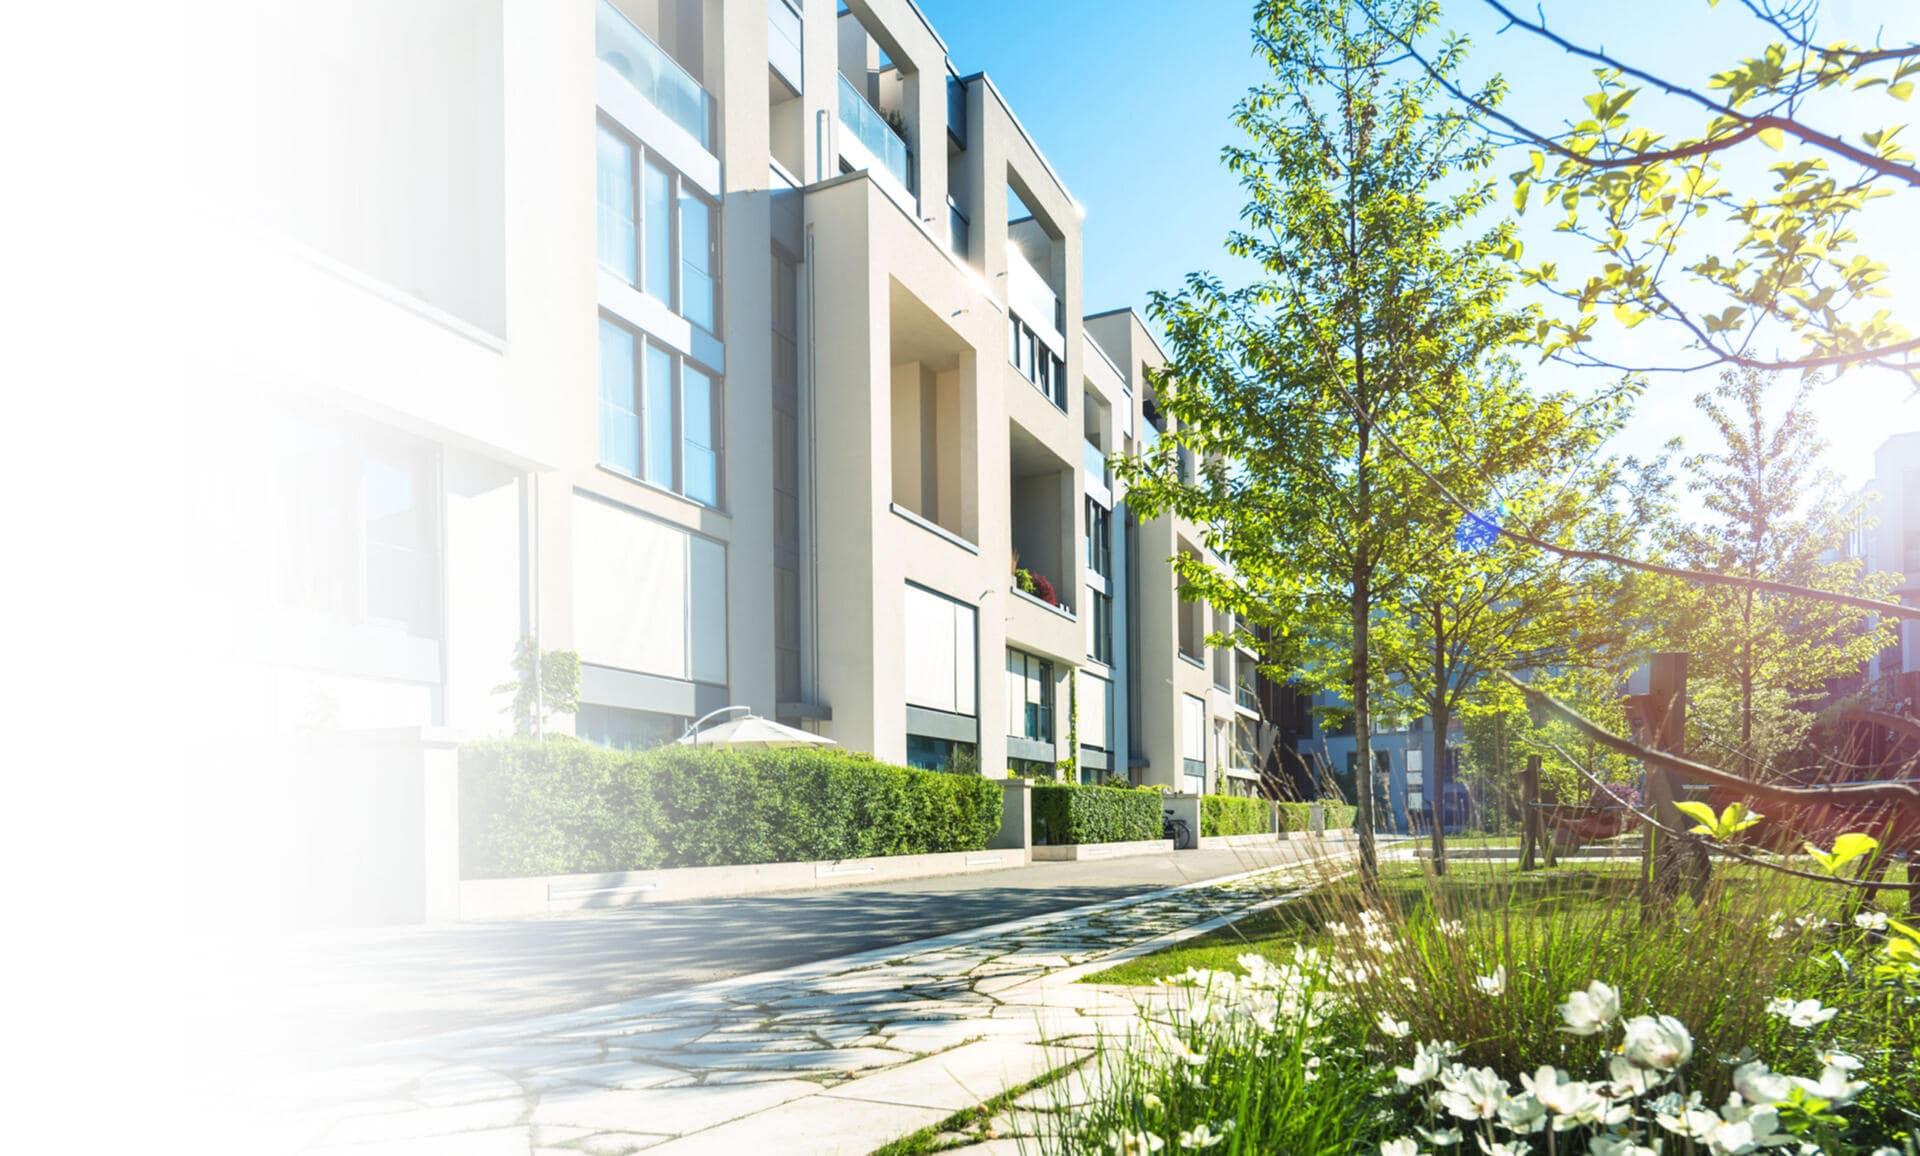 Das Bild zeigt einen schicken Neubau in Nürnberg.